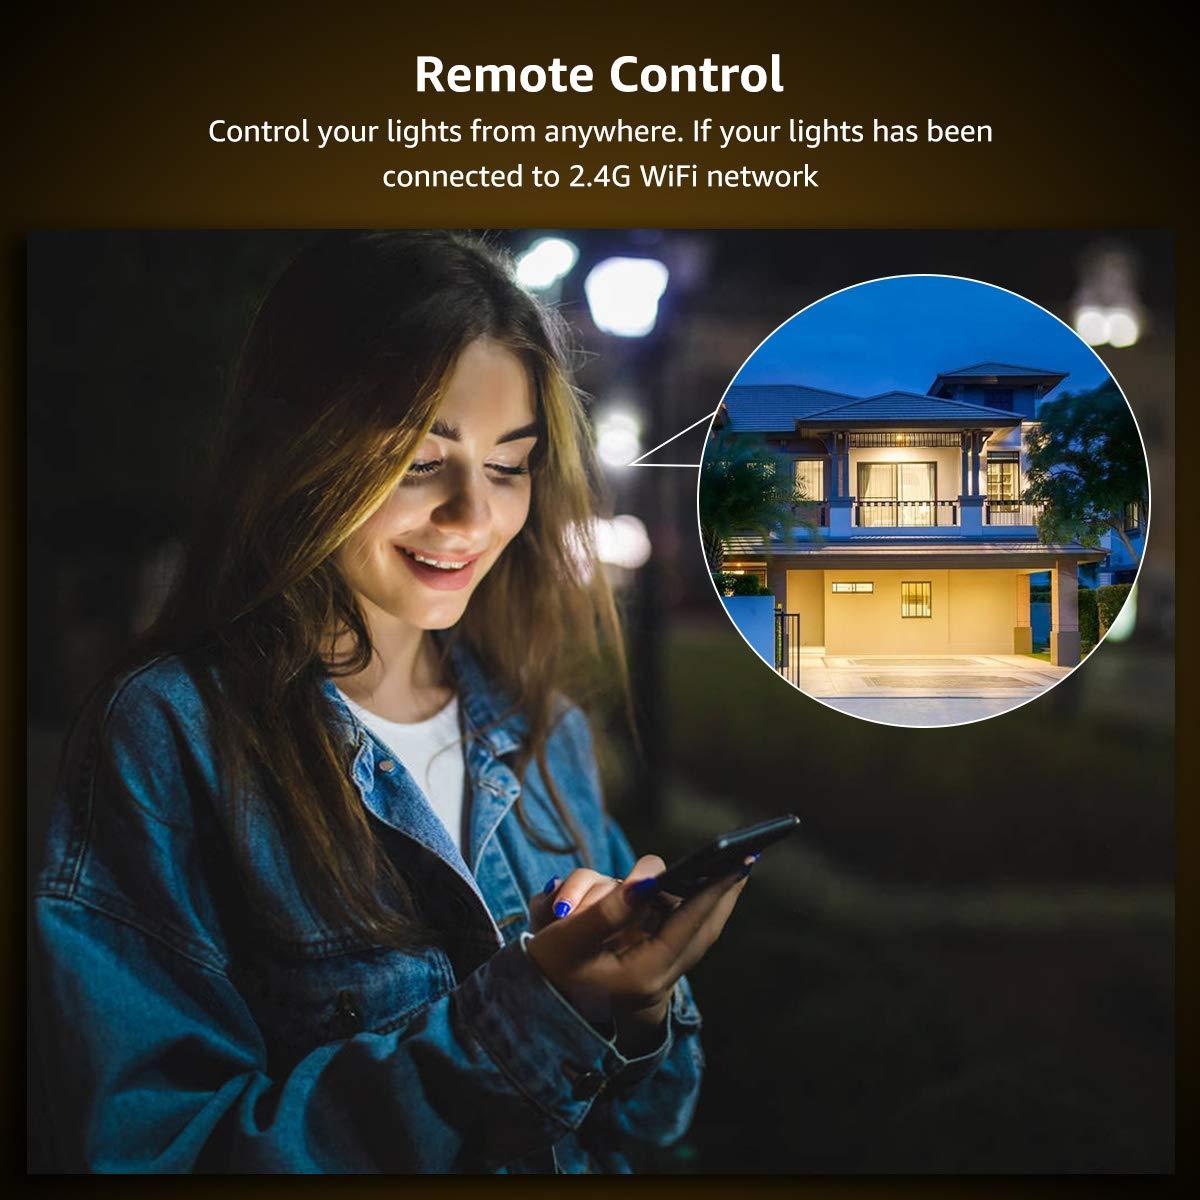 LE LampUX Ampoule Connectée Wifi E27, Blanc Chaud 2700K, 850lm, 9W, Equivalent a 60W, Dimmable, Compatible avec Alexa et Google Home, Pas Hub Requis, Lot de 2